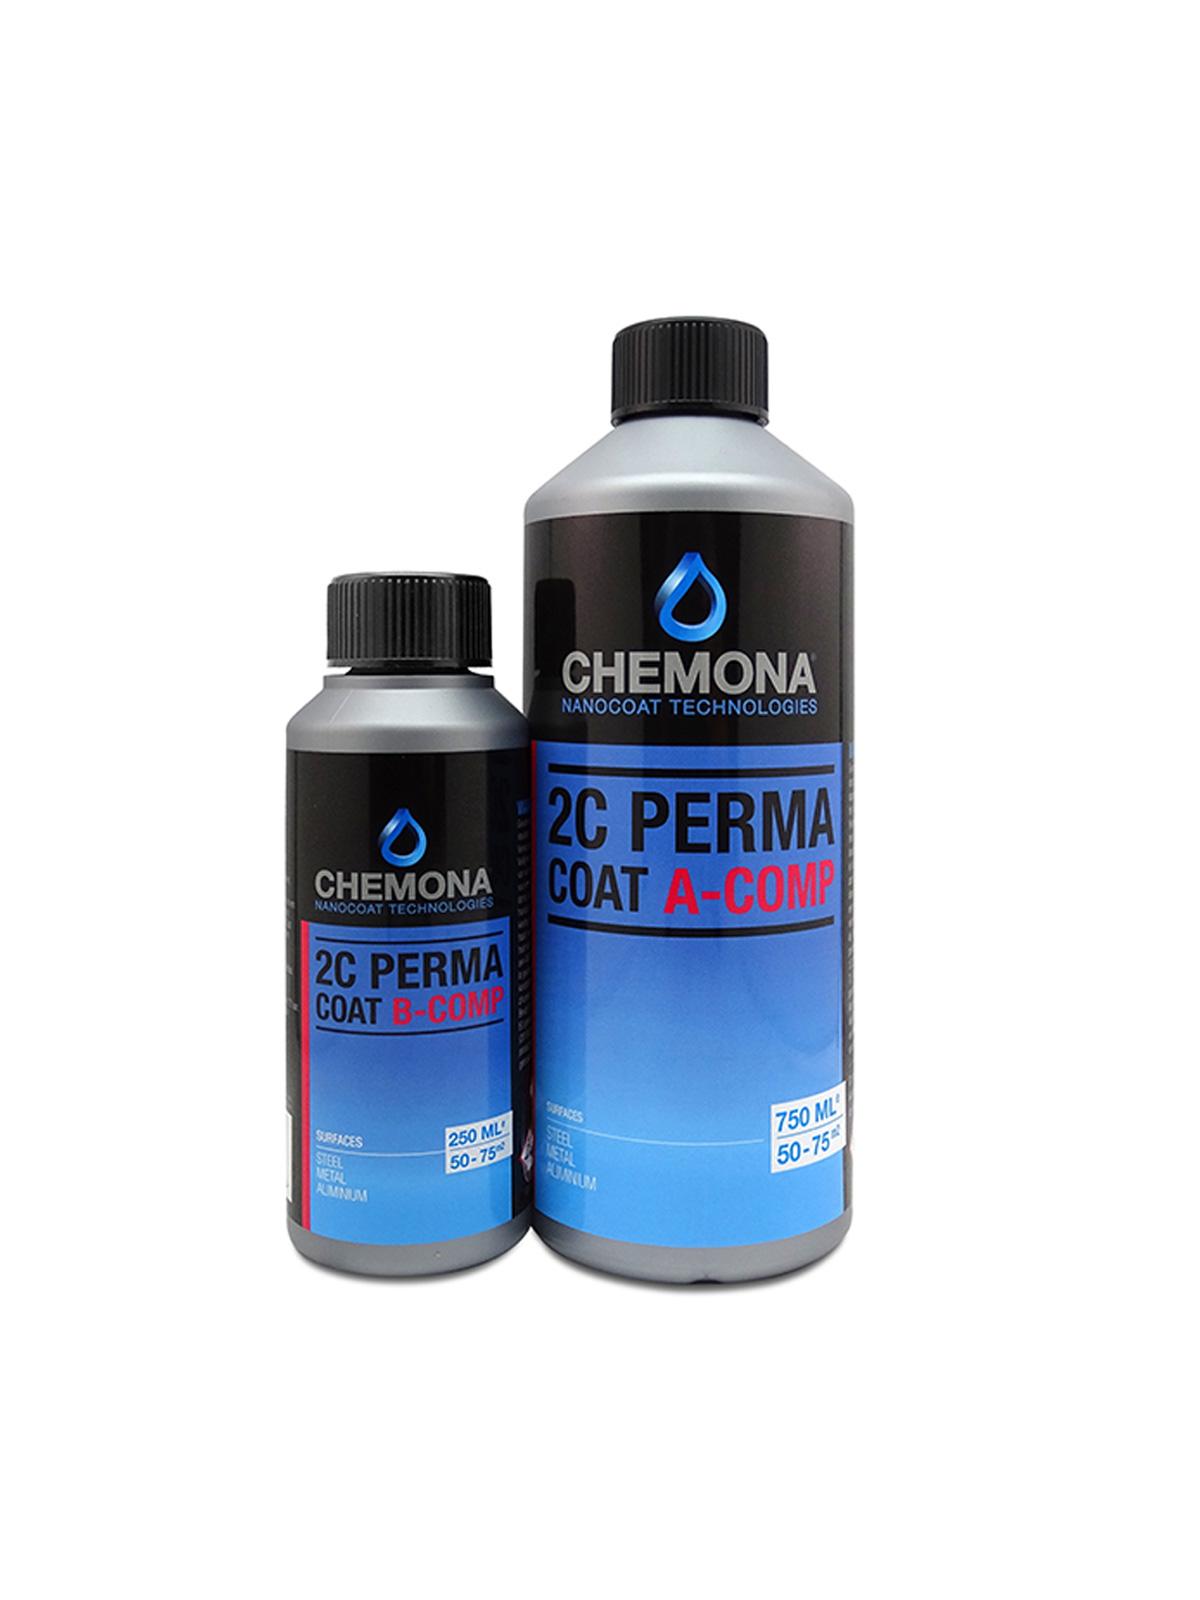 Chemona 2C Perma Coat Matt